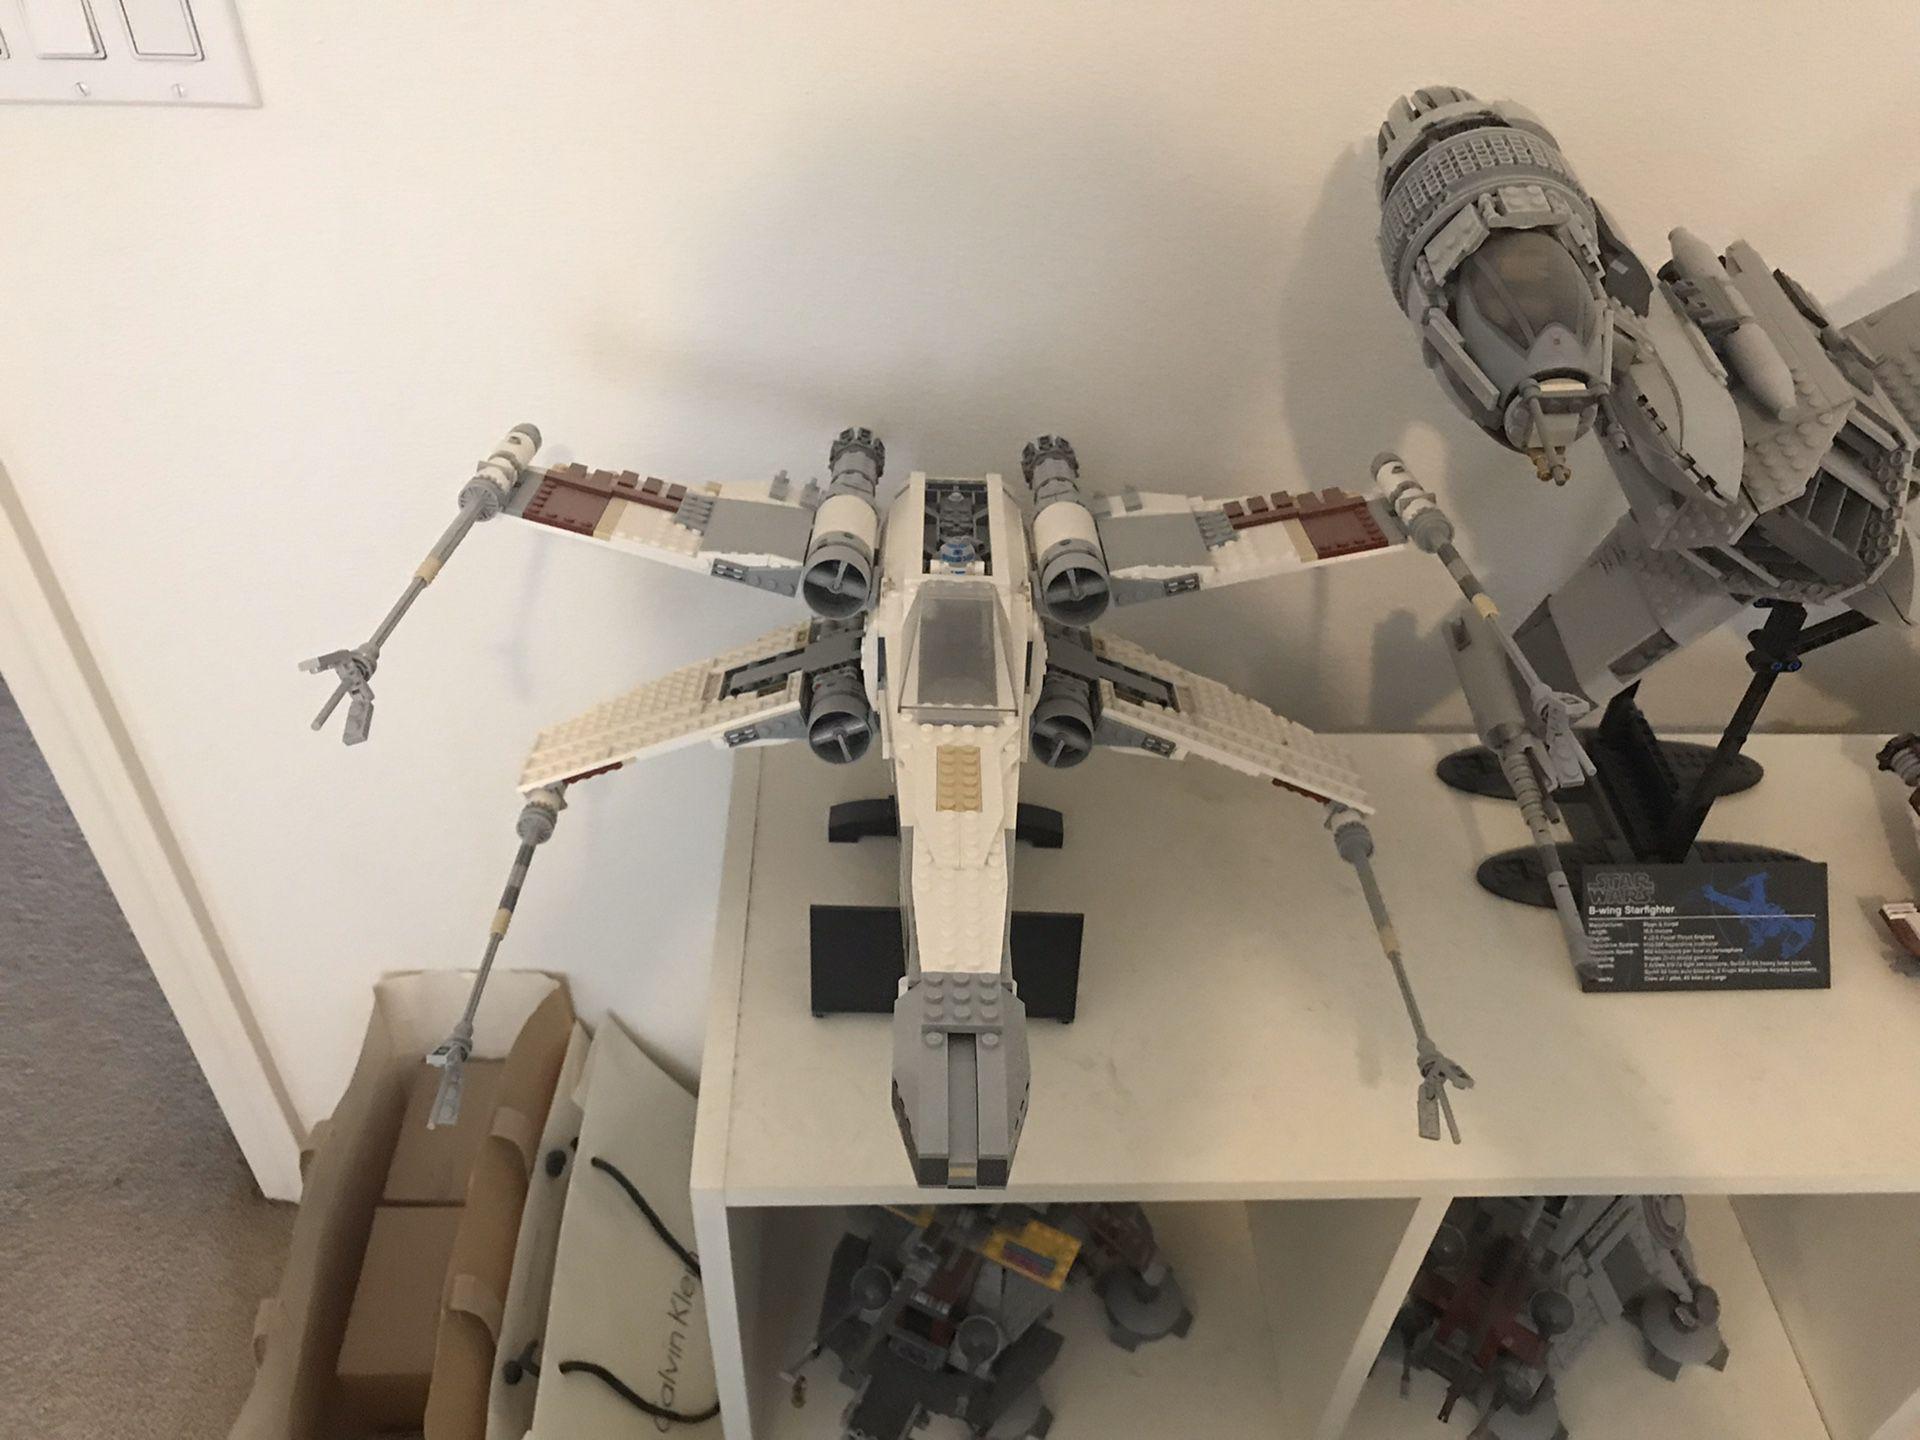 Lego Star Wars UCS X-Wing Starfighter 10240